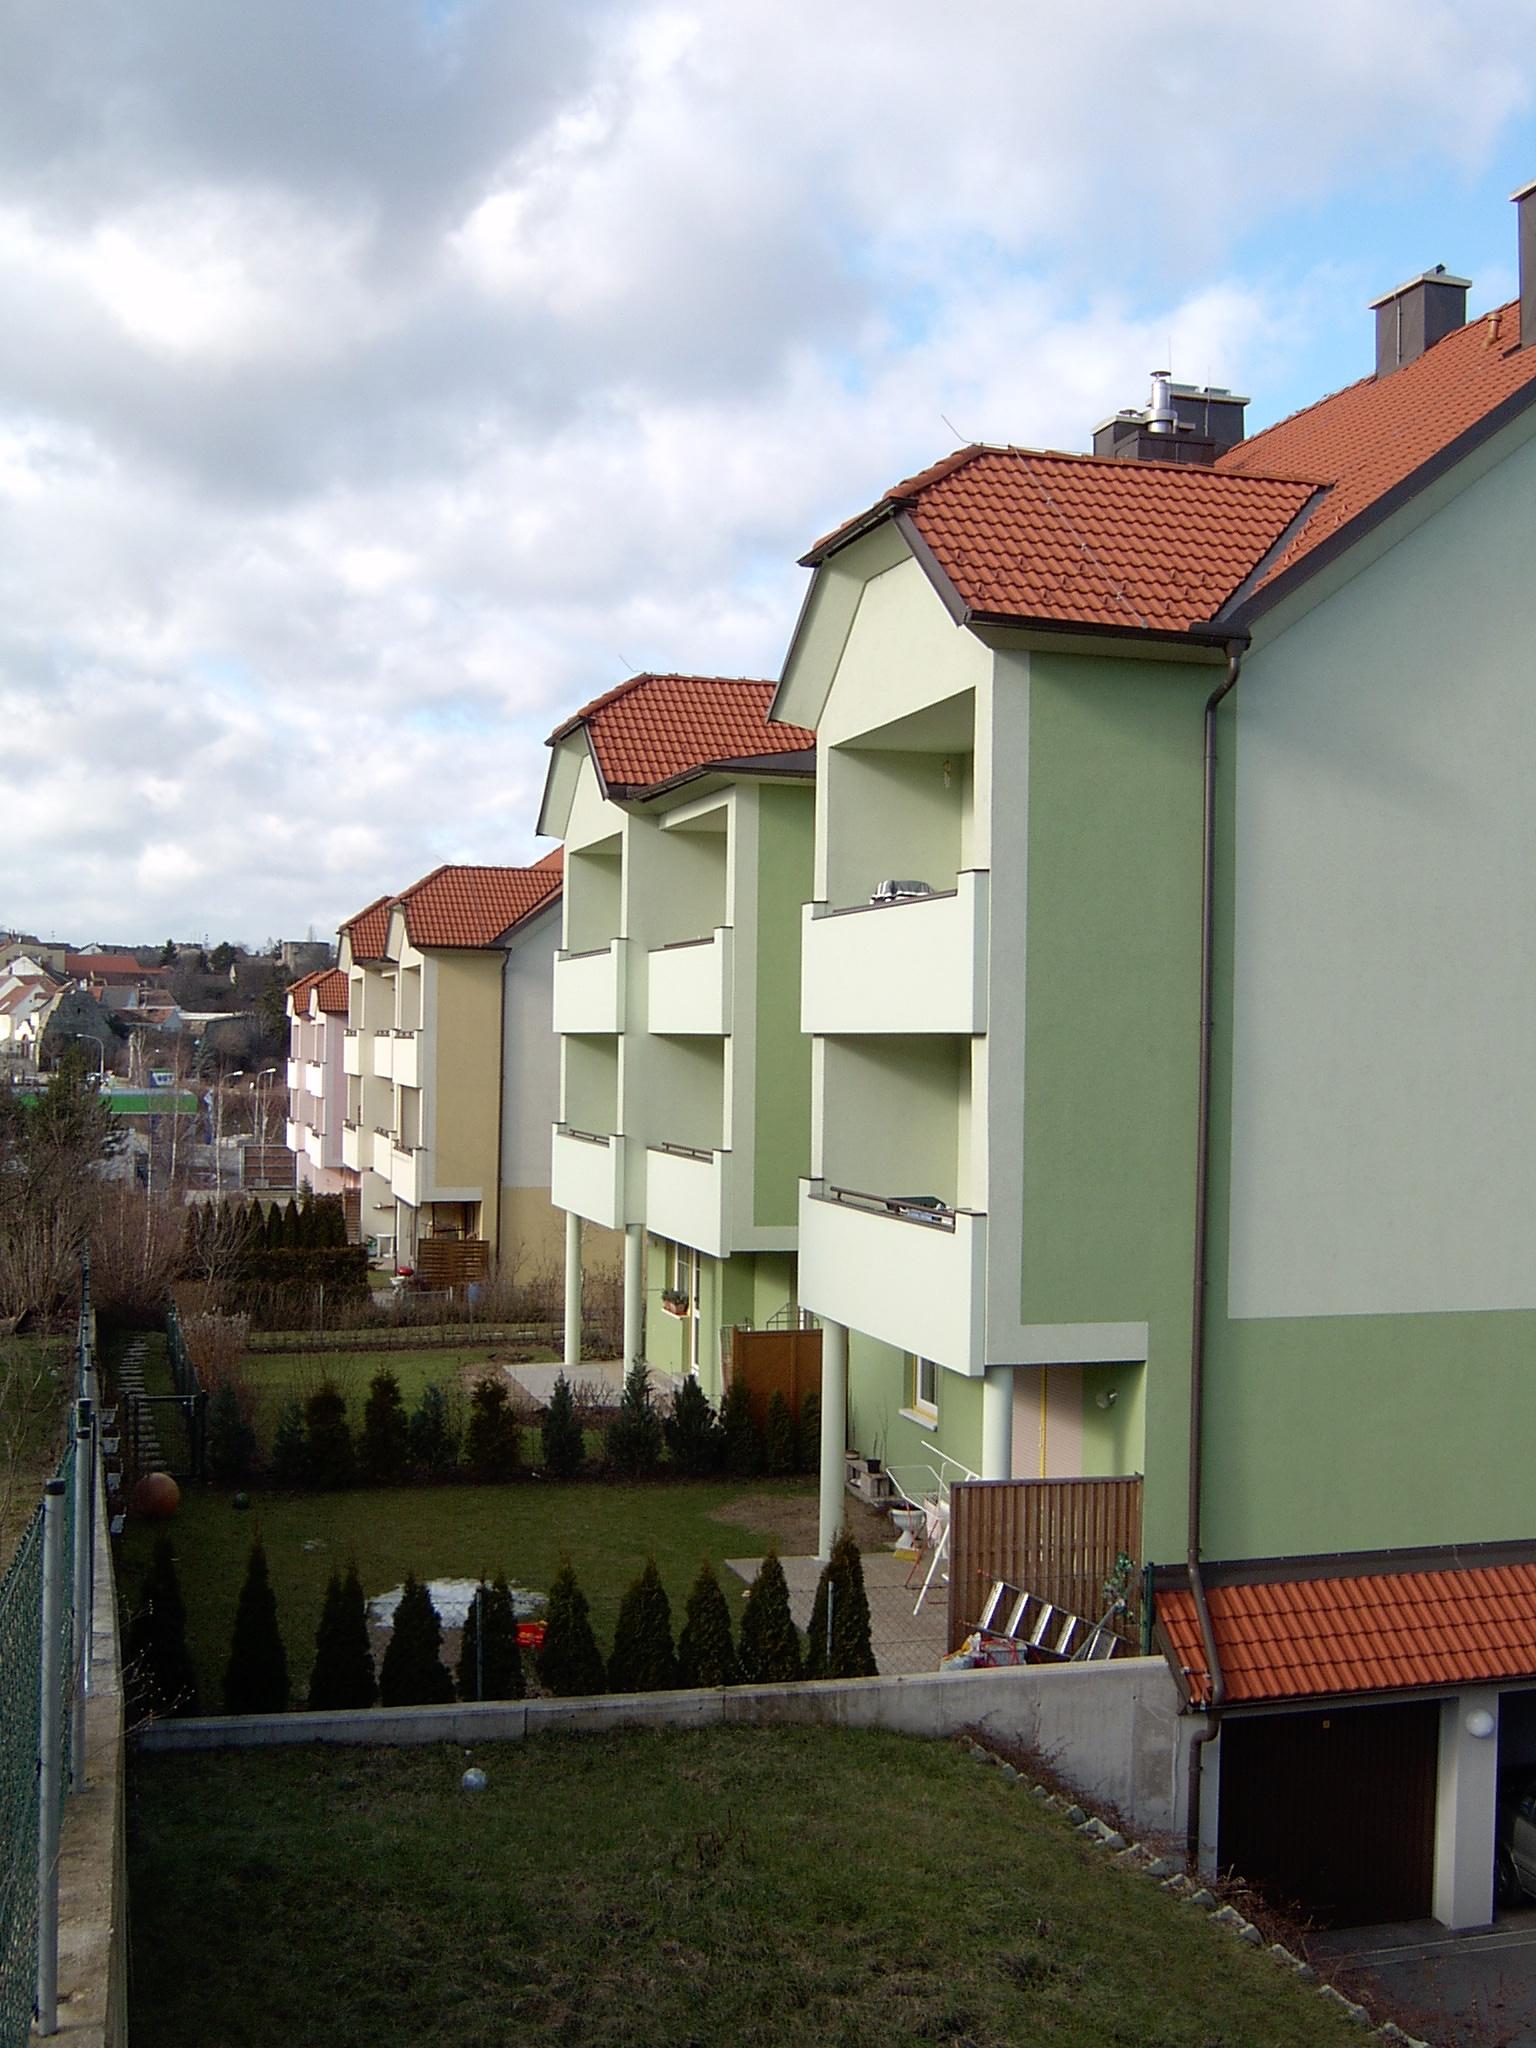 Immobilie von Kamptal in 3730 Eggenburg, Horn, Eggenburg III/2 - Top 14 #3